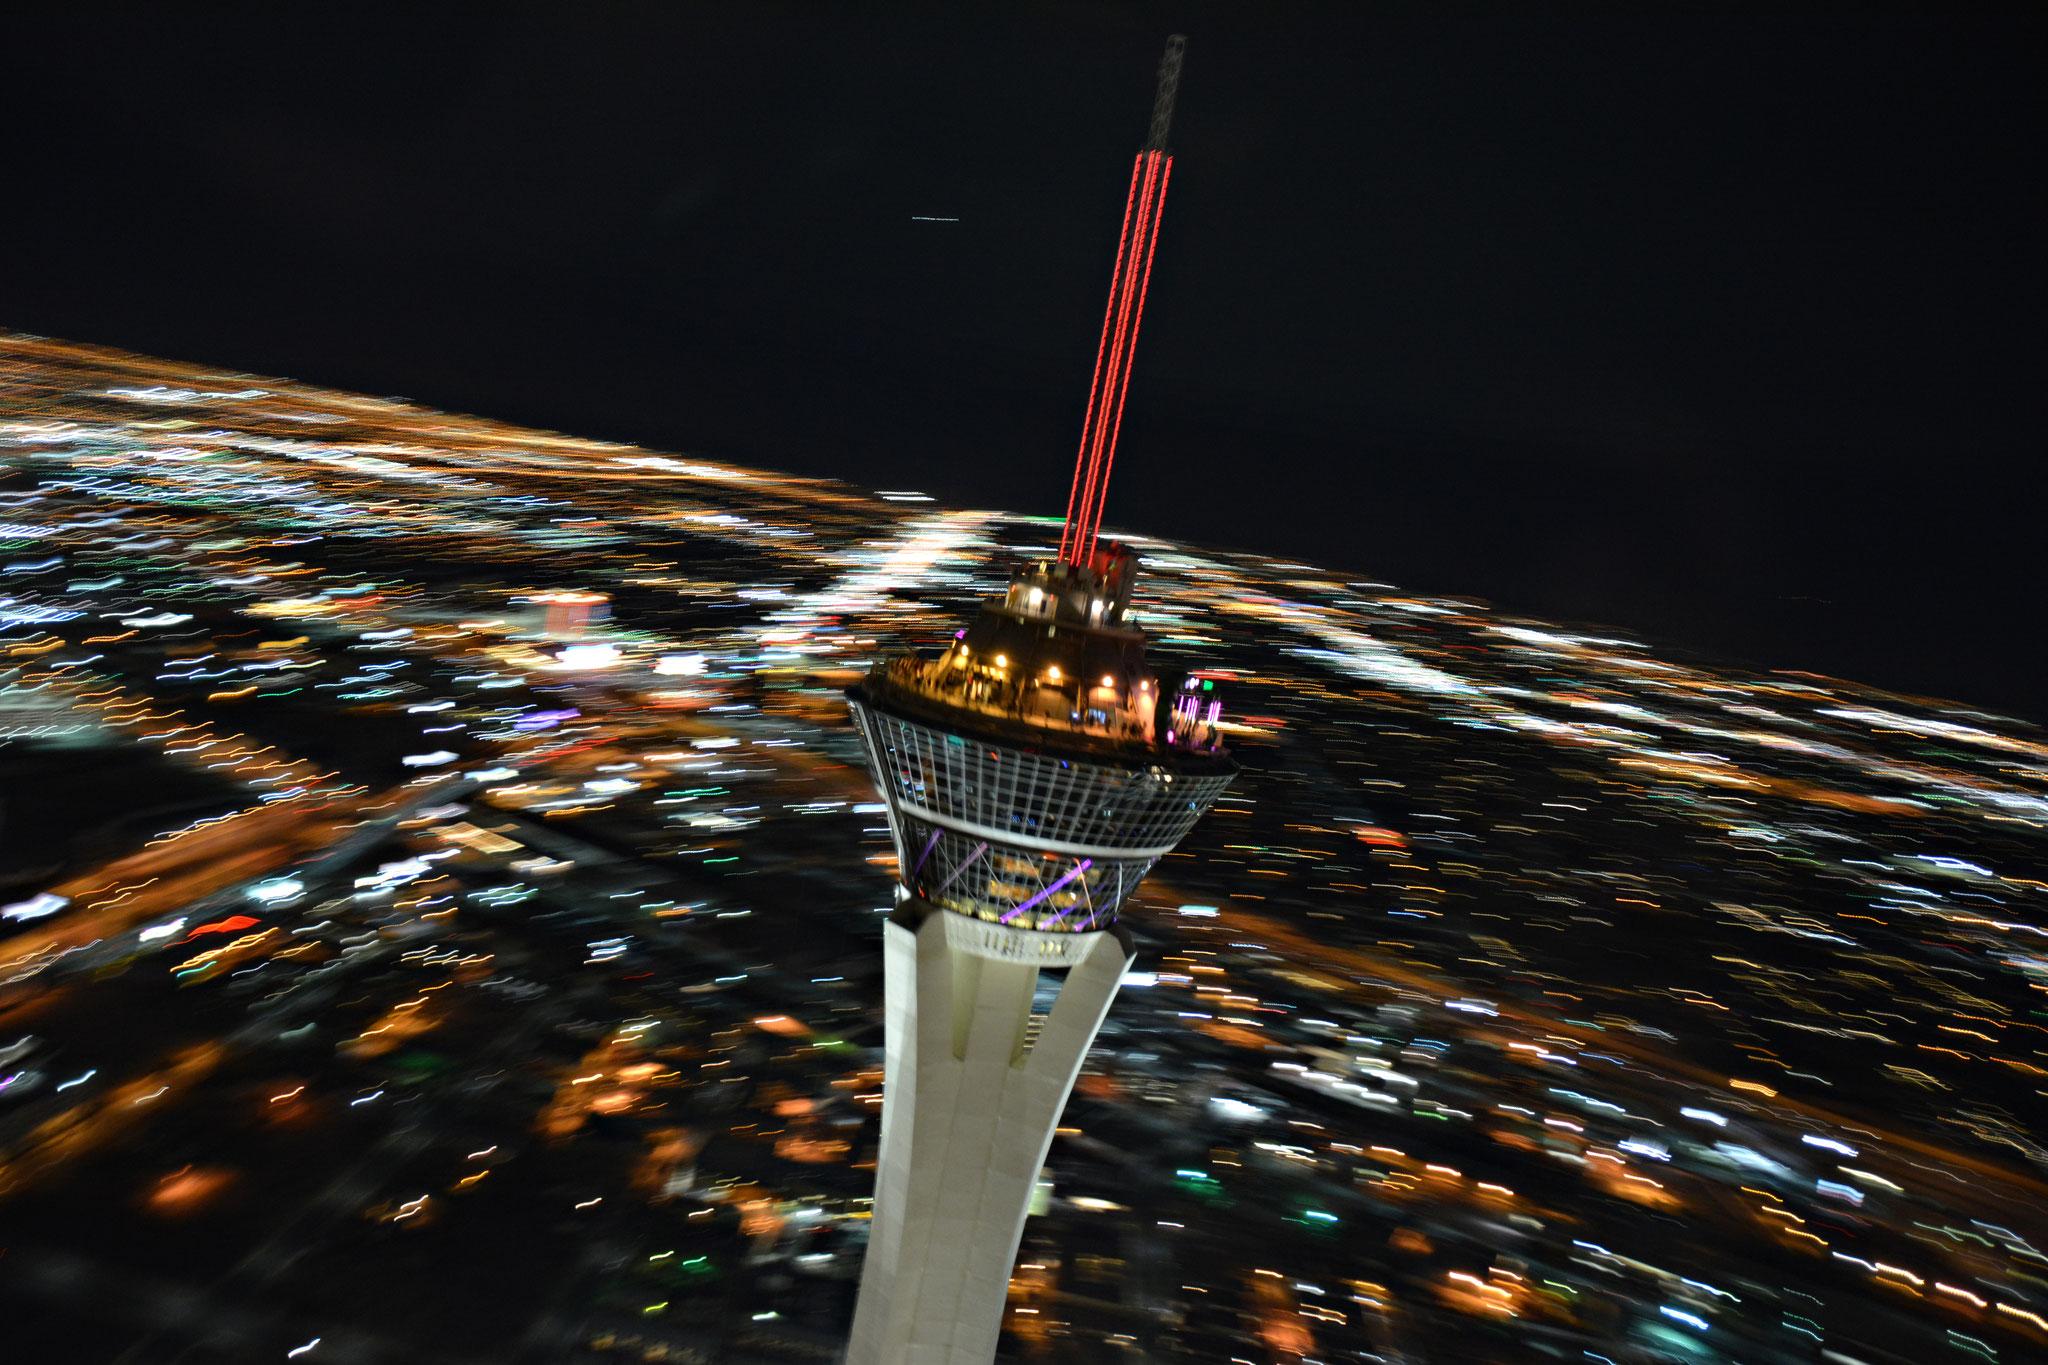 Las Vegas Hochzeitsflug mit Sicht auf den Stratosphere Tower